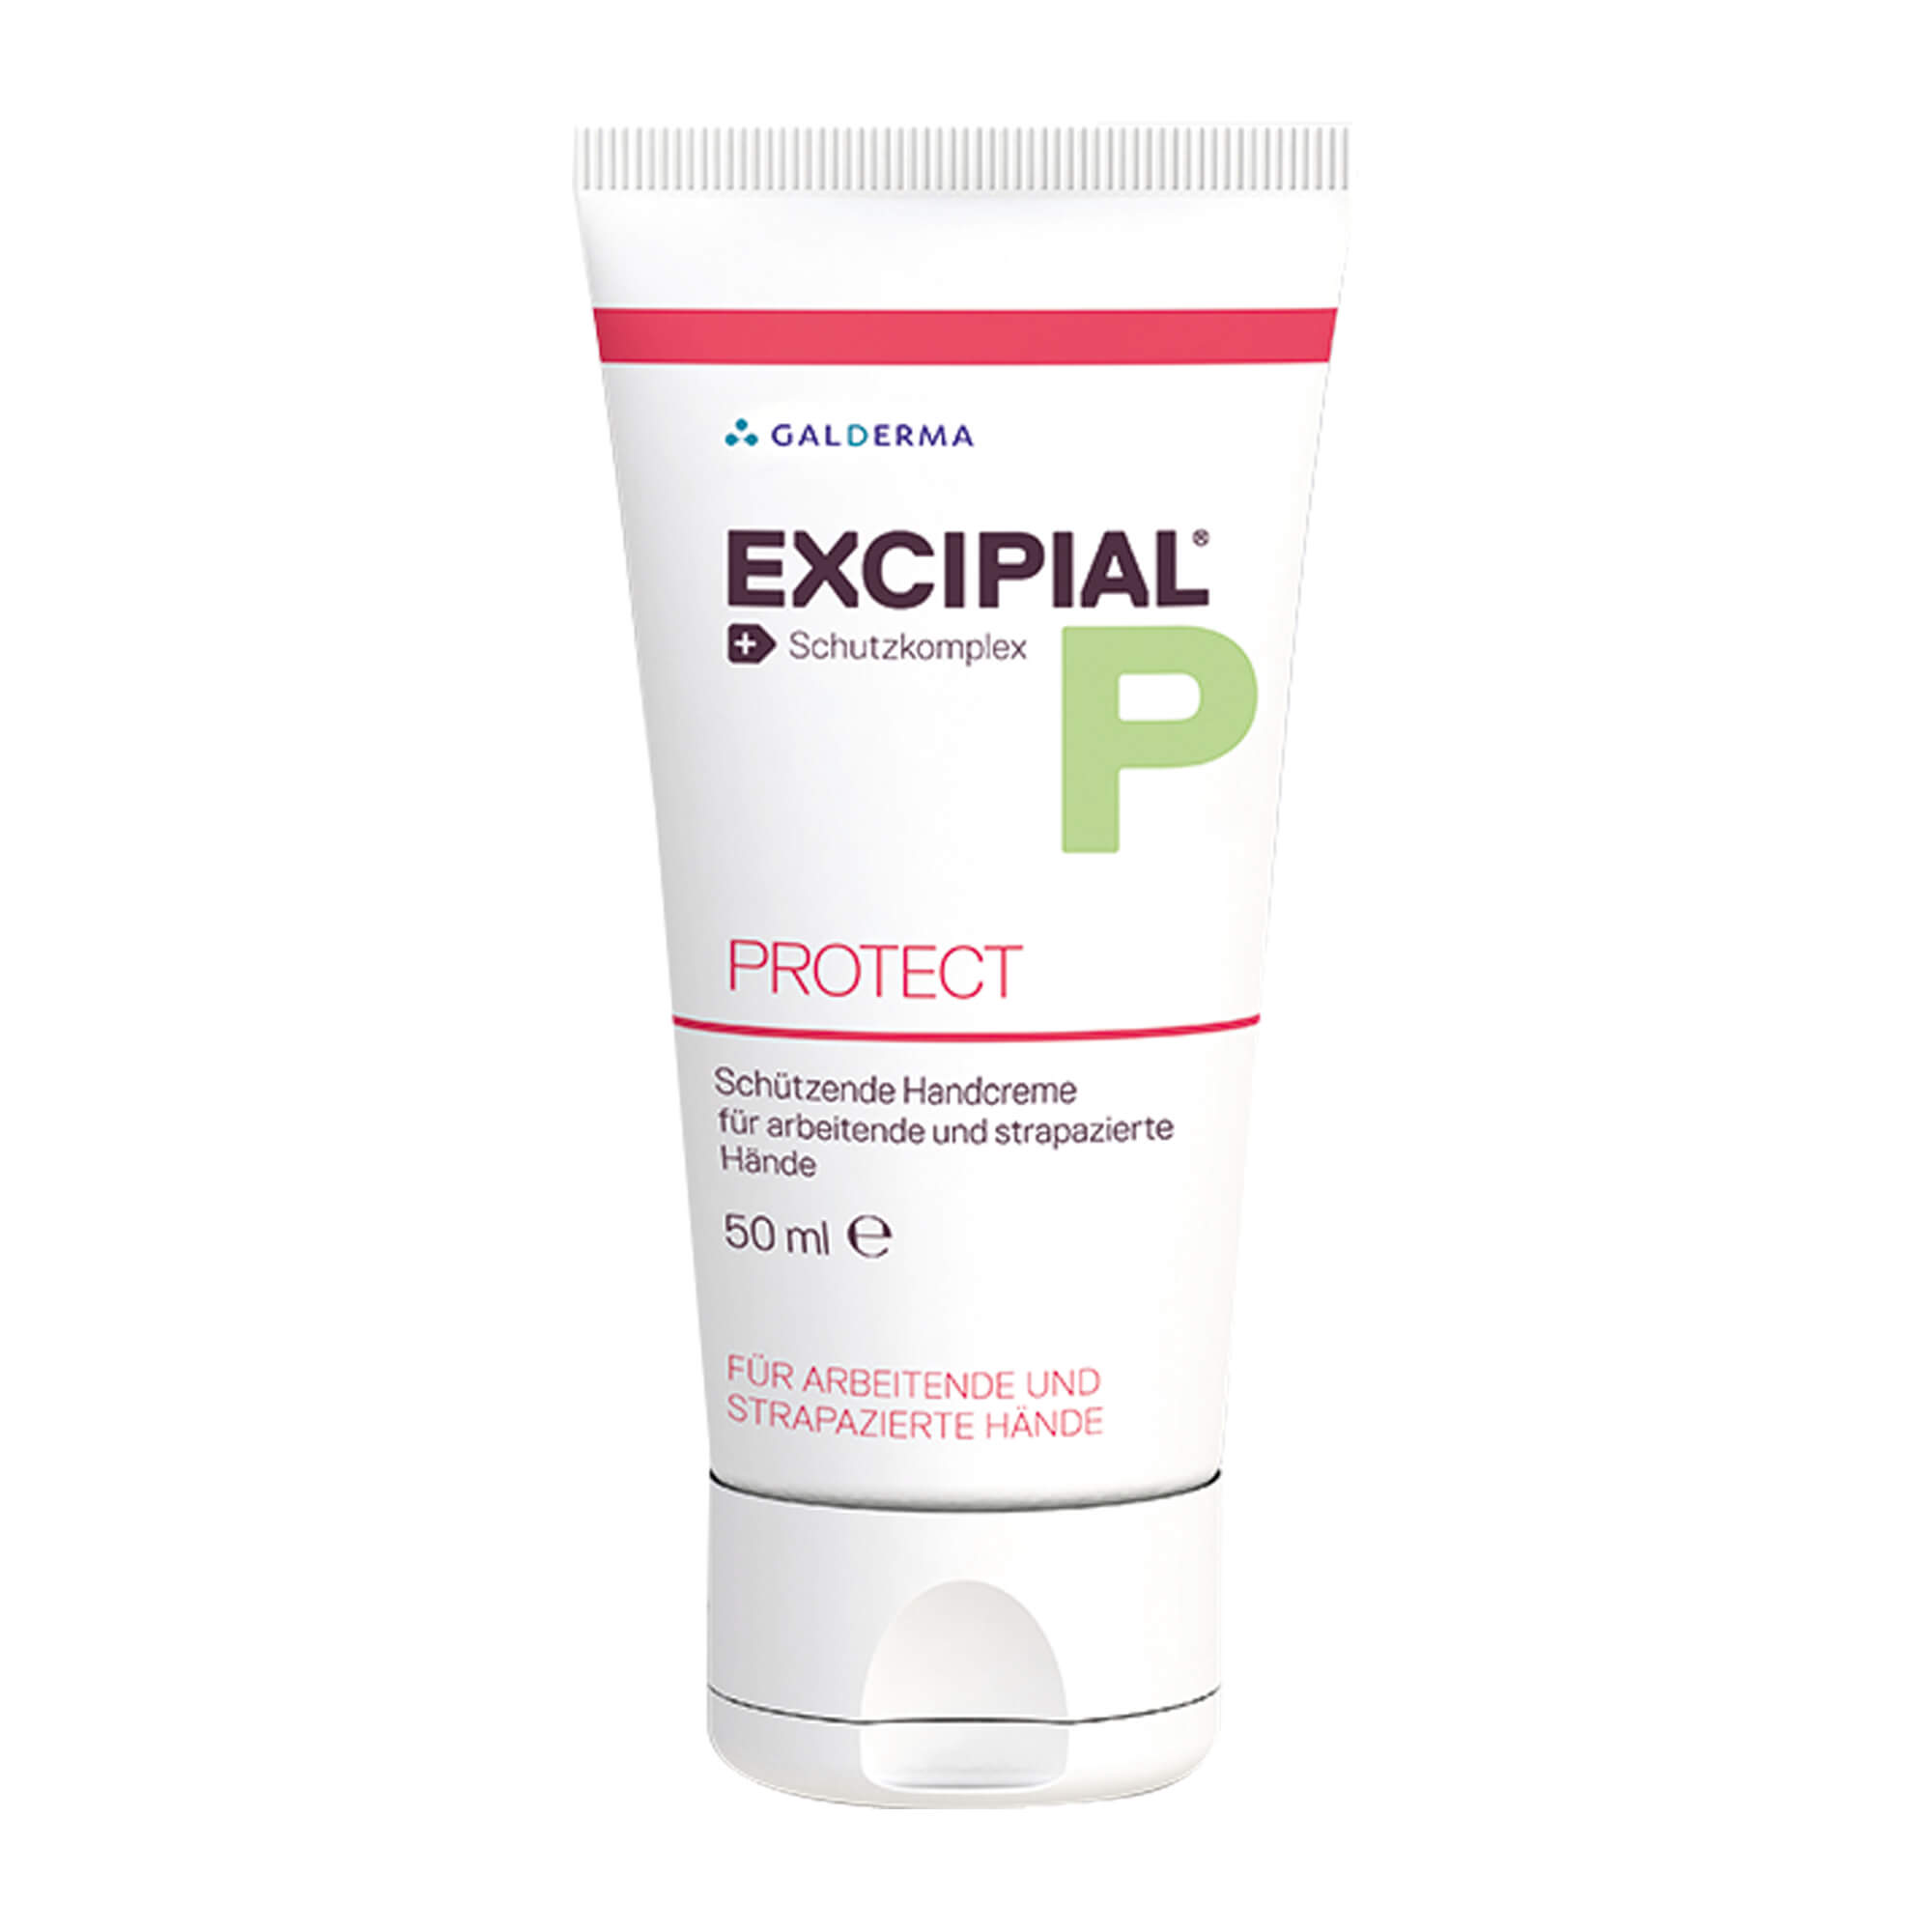 Excipial Protect Hand-Schutzcreme